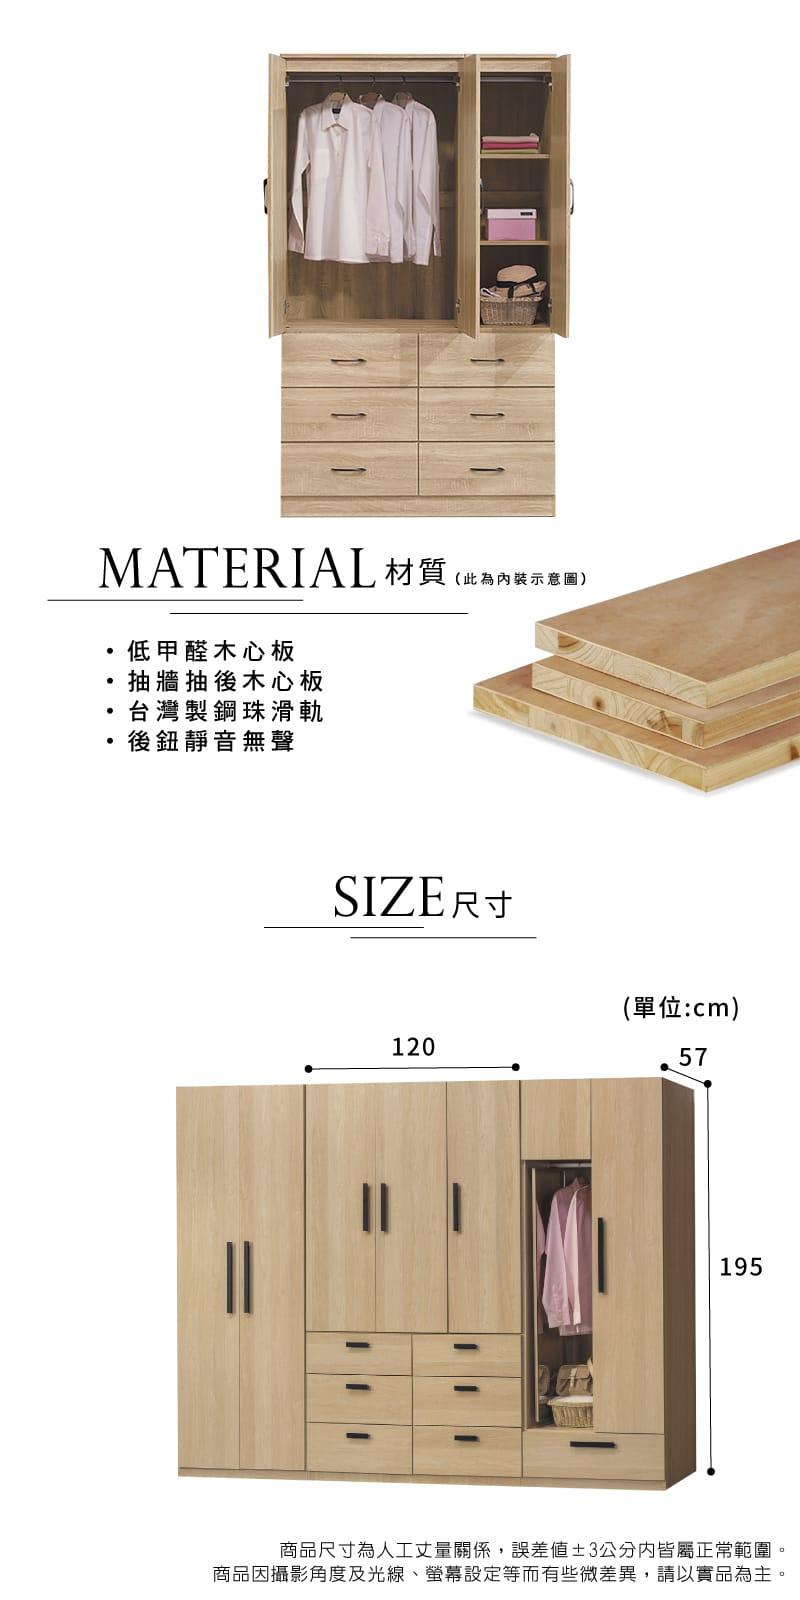 拉門收納置物衣櫃 寬120cm【威特】